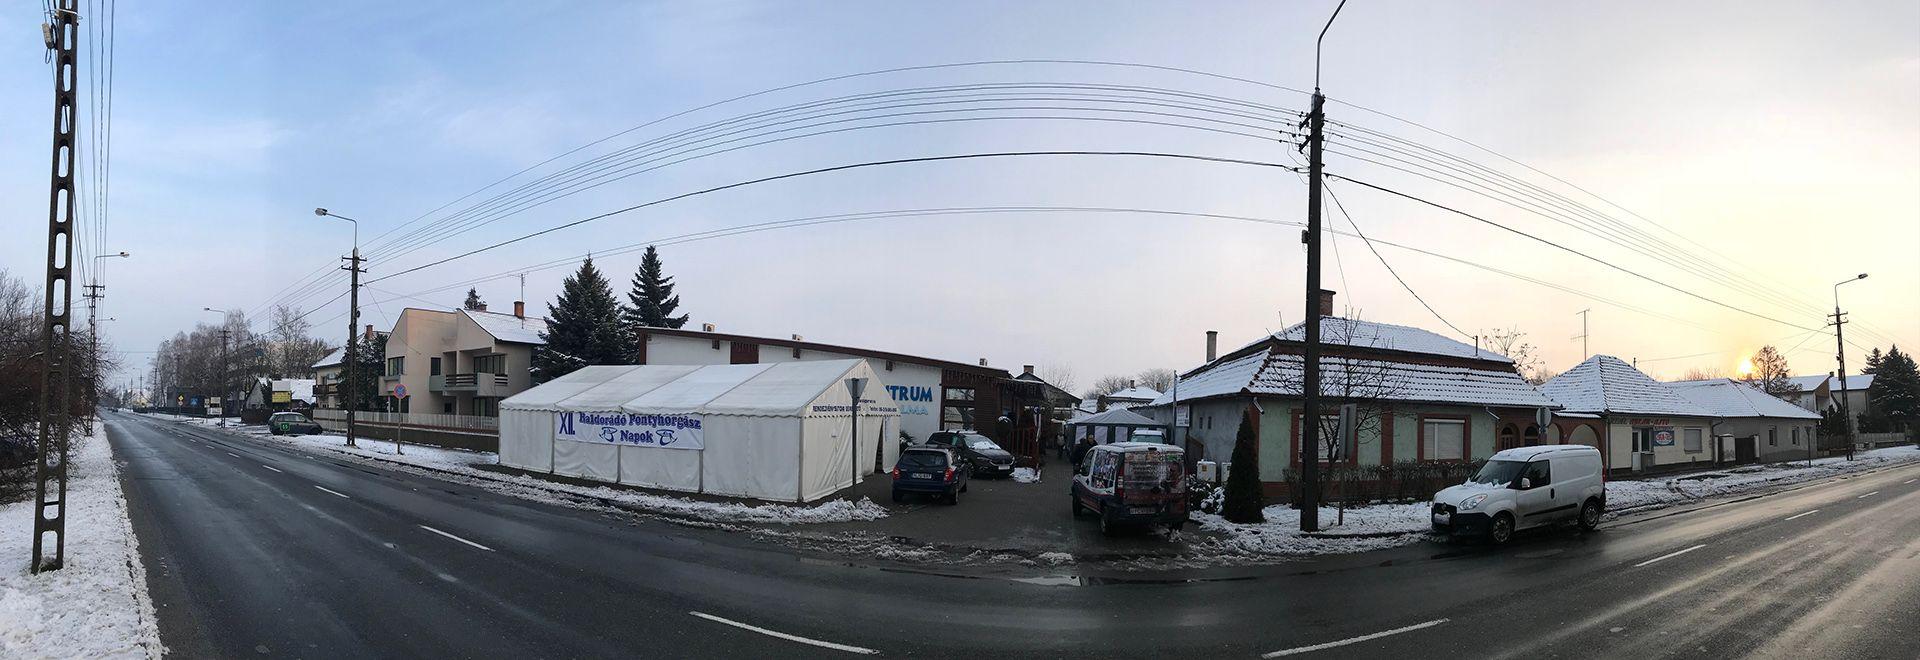 Noss a tegnapi havazásnak szerencsére már csak az utak mentén van nyoma